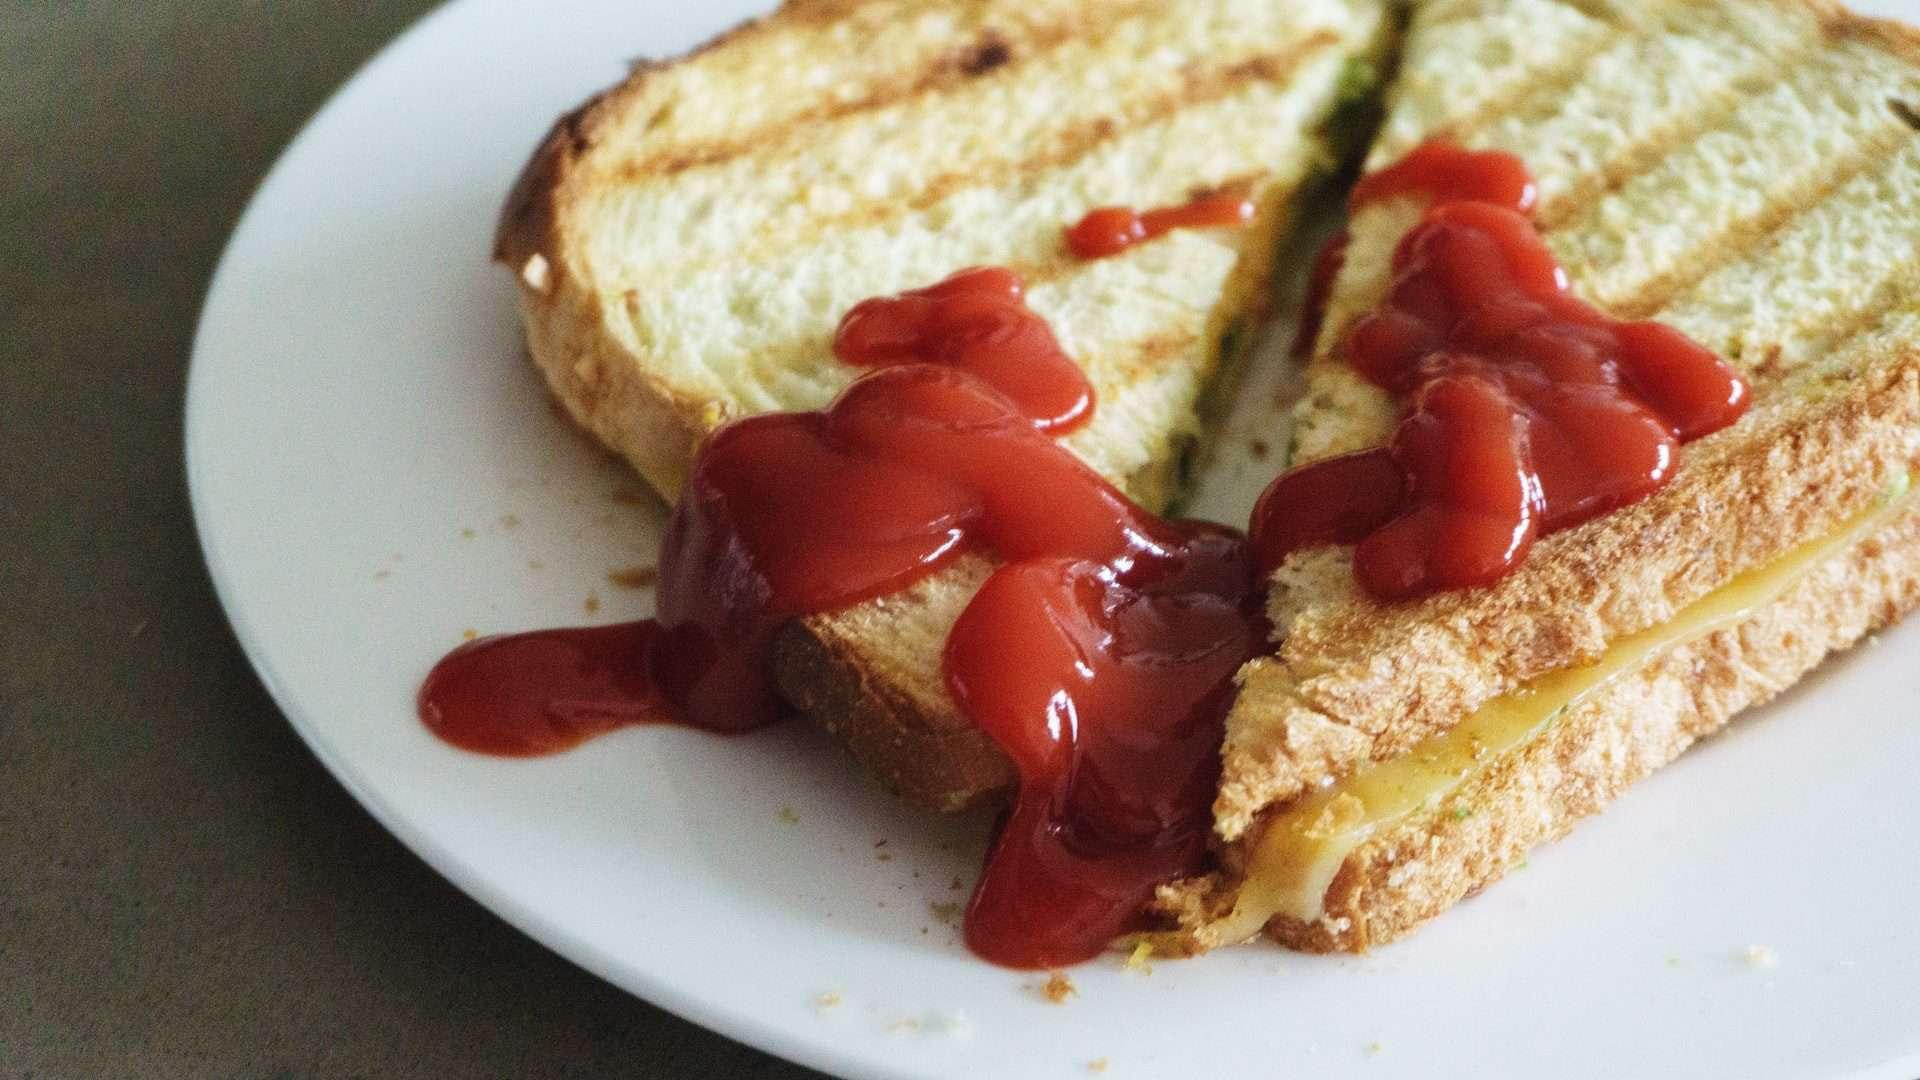 Tostie met ketchup op wit bordje. Bovenaanzicht.